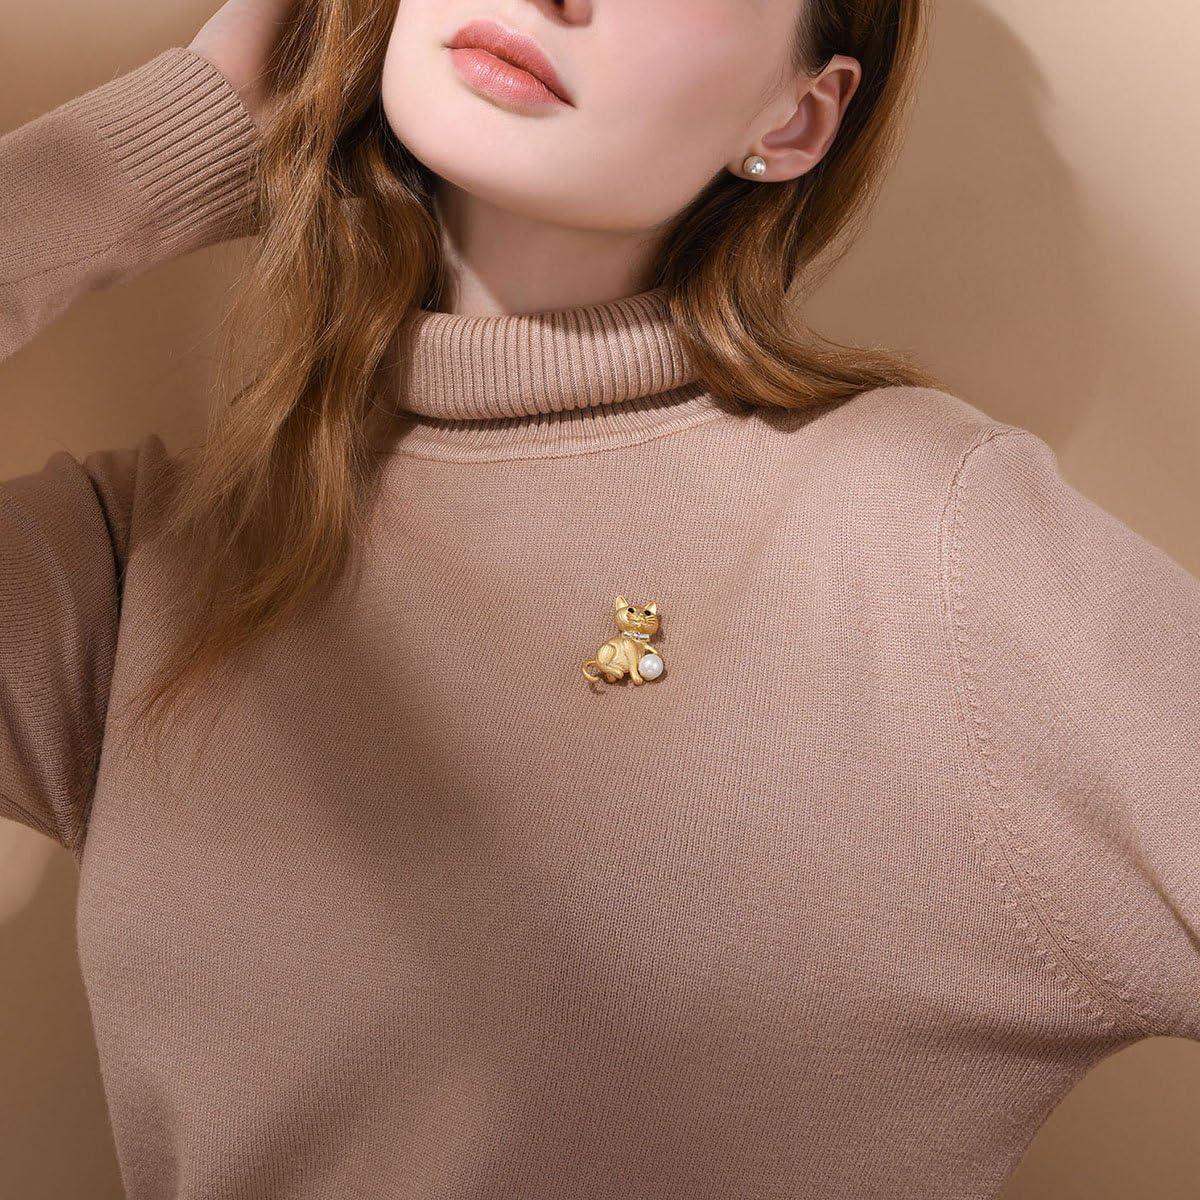 FOCALOOK Broche Femme Pins Bijoux Brooch Animal Plaqu/é Or Jaune 18K avec Strass Brillant et Perle dImitation Blanche Accessoire de V/êtement